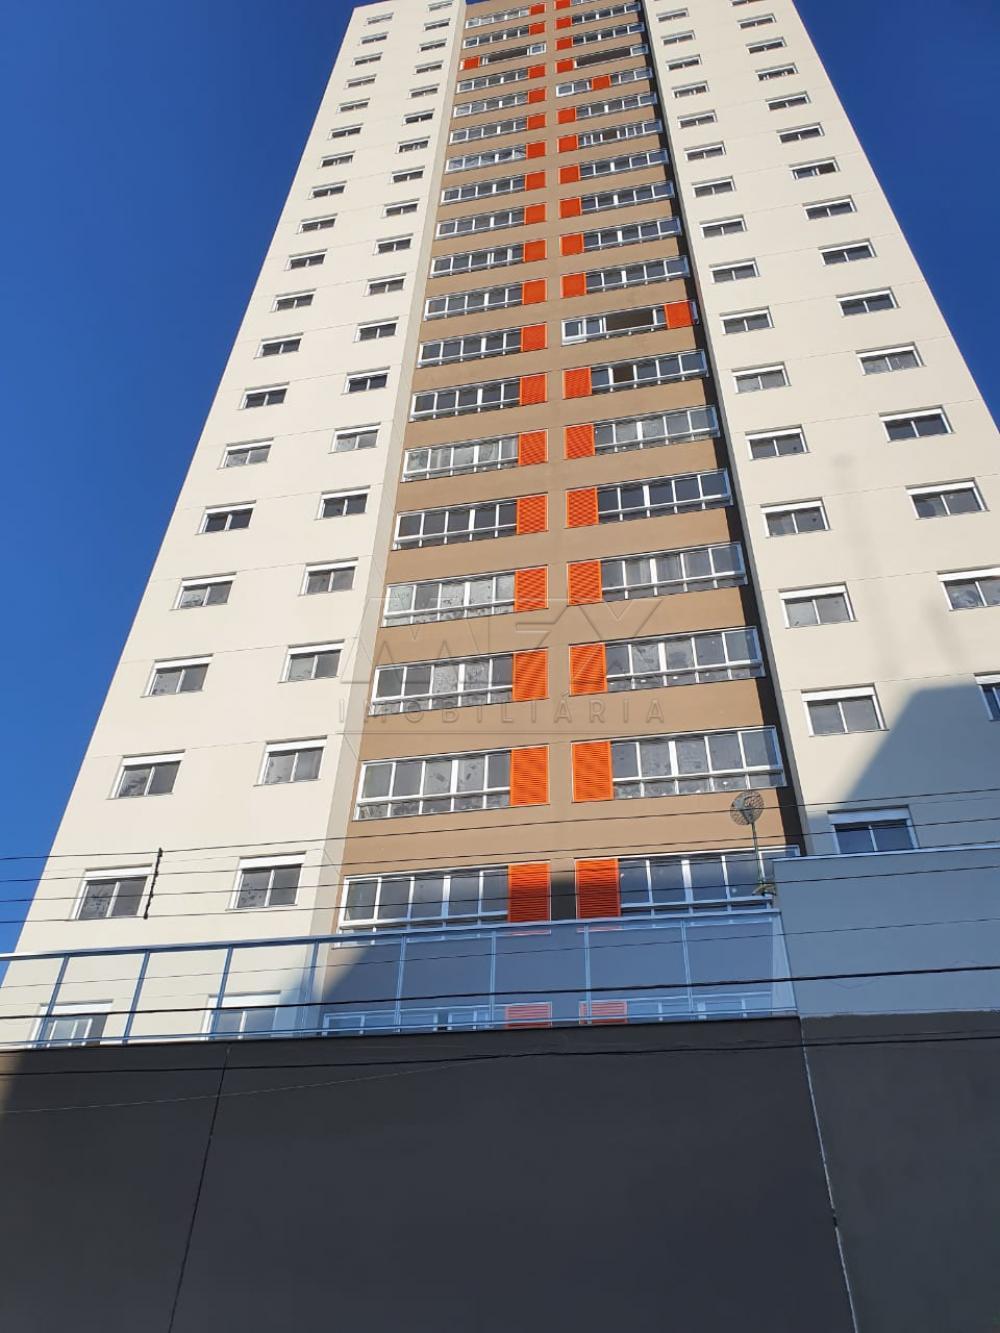 Comprar Apartamento / Padrão em Bauru R$ 370.000,00 - Foto 1